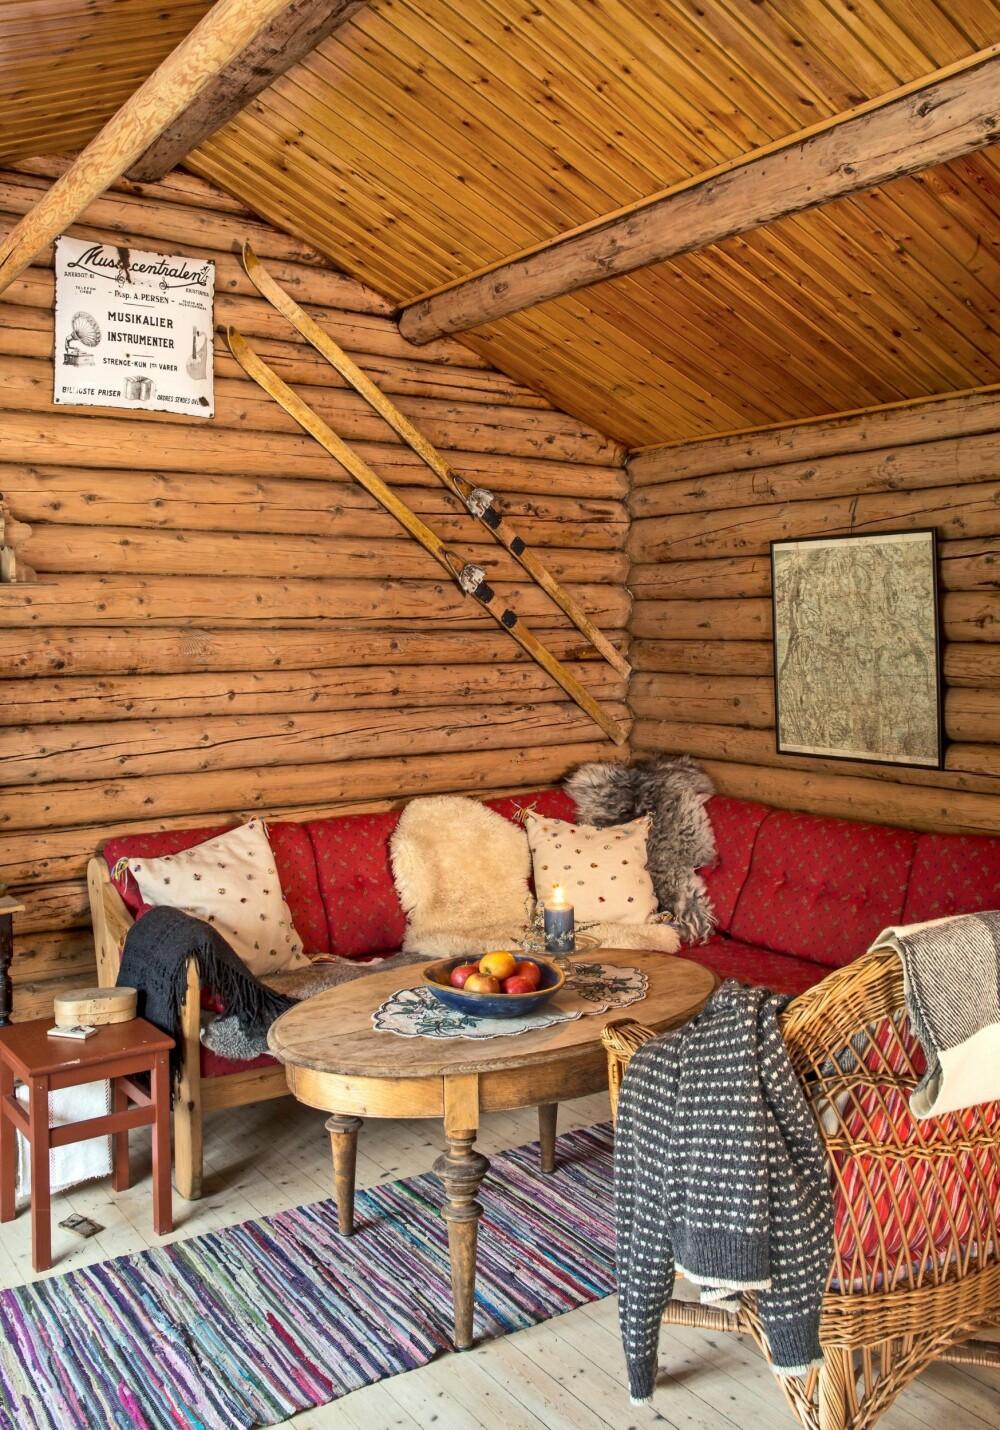 GODE MINNER: Over sofaen i stuen henger det et par Tømteski på veggen som et hyggelig minne.  Det er også blitt plass til et gammelt kart over Nordmarka.